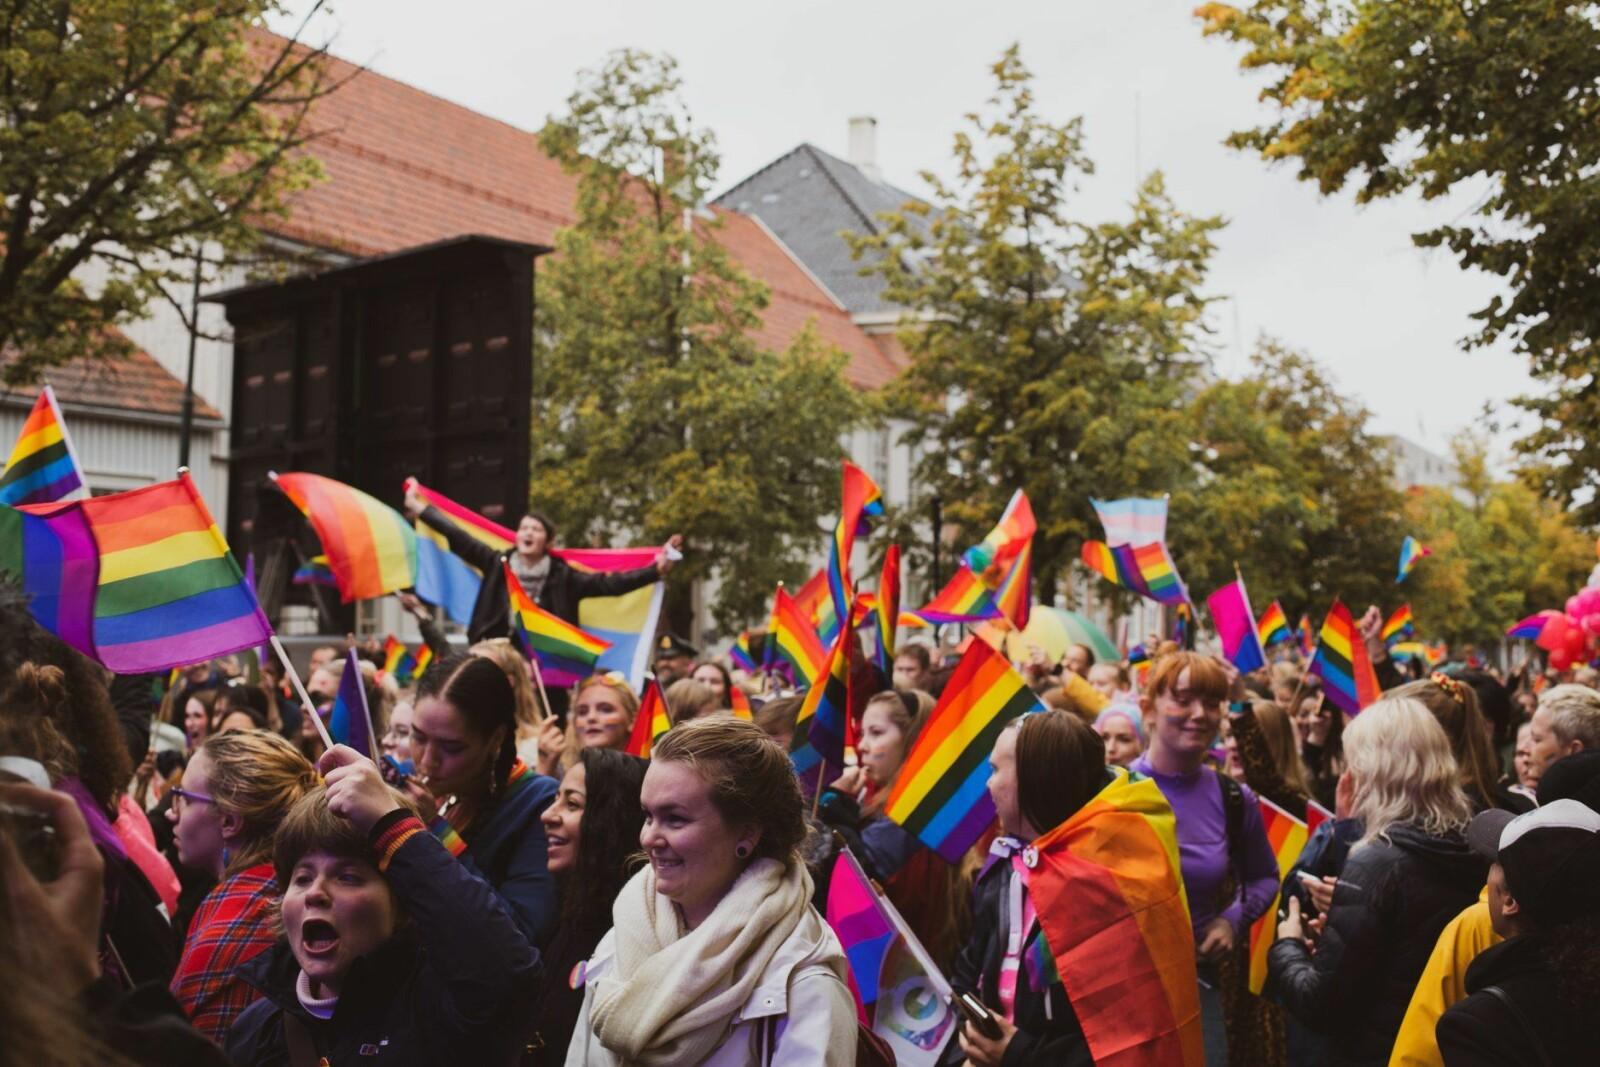 Det var god stemning under Trondheim Pride i 2019. I 2021 forventer vi intet mindre.